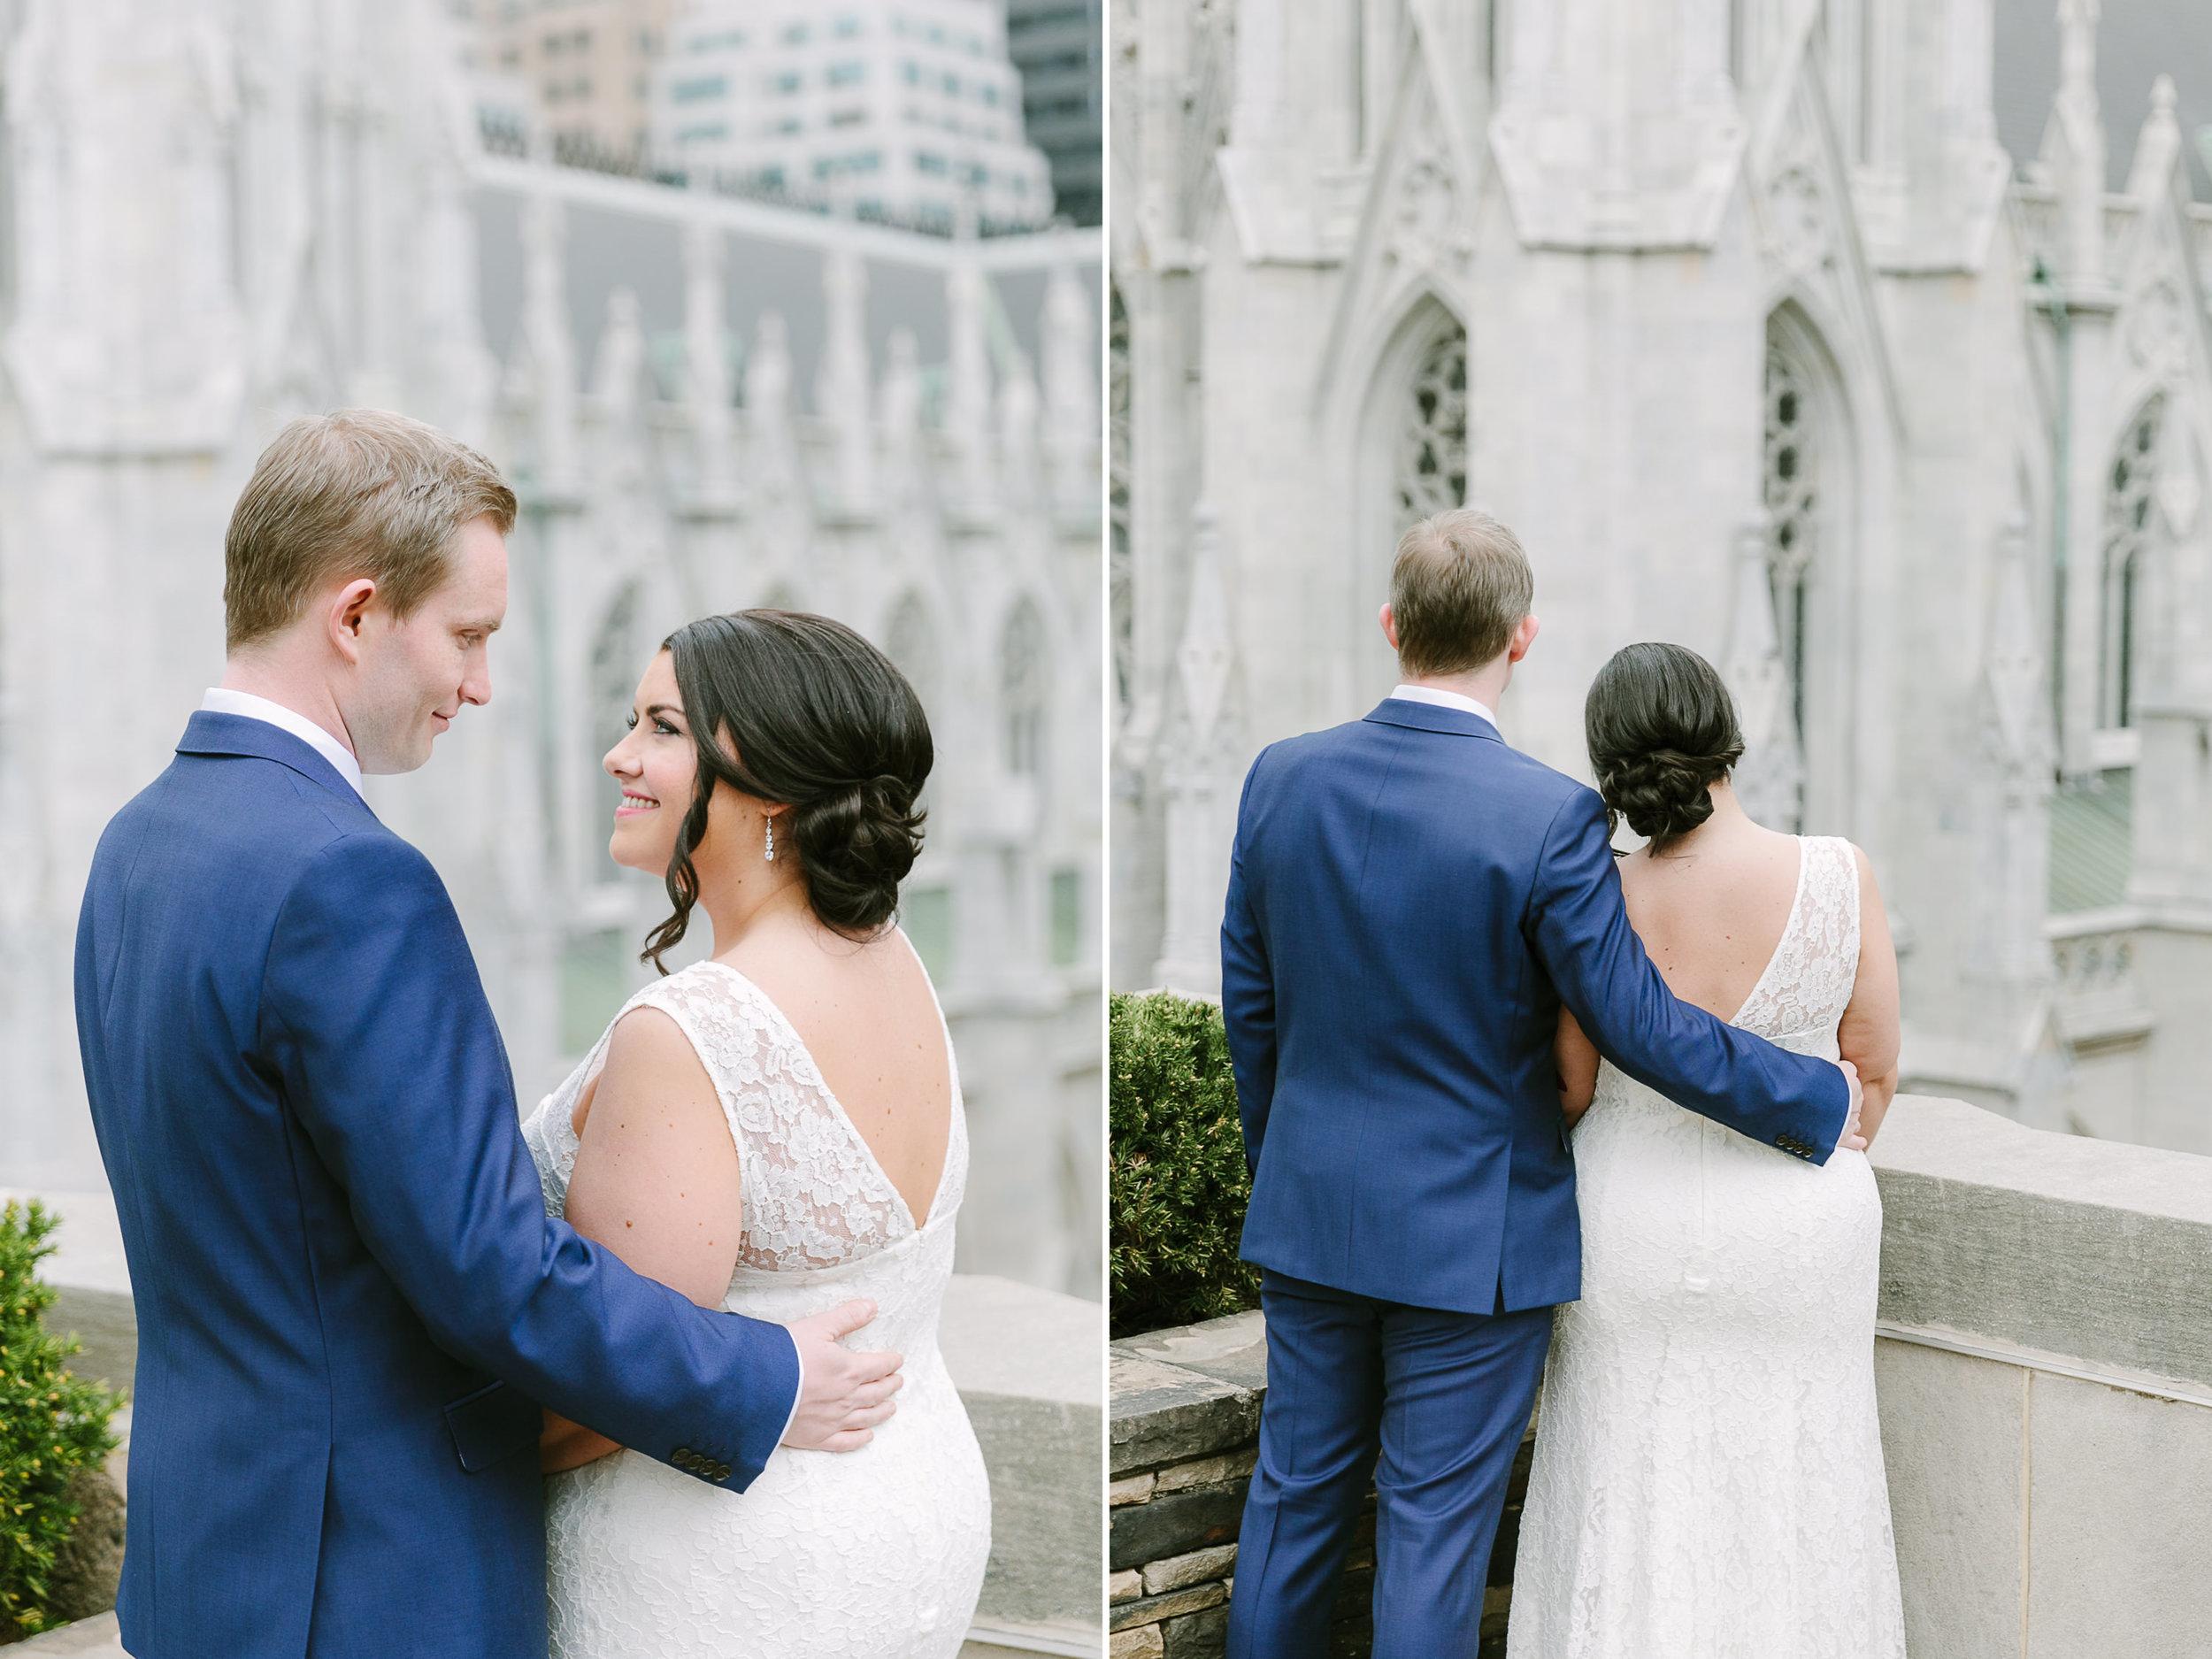 620-Loft&Garden-wedding-J&A-10.jpg